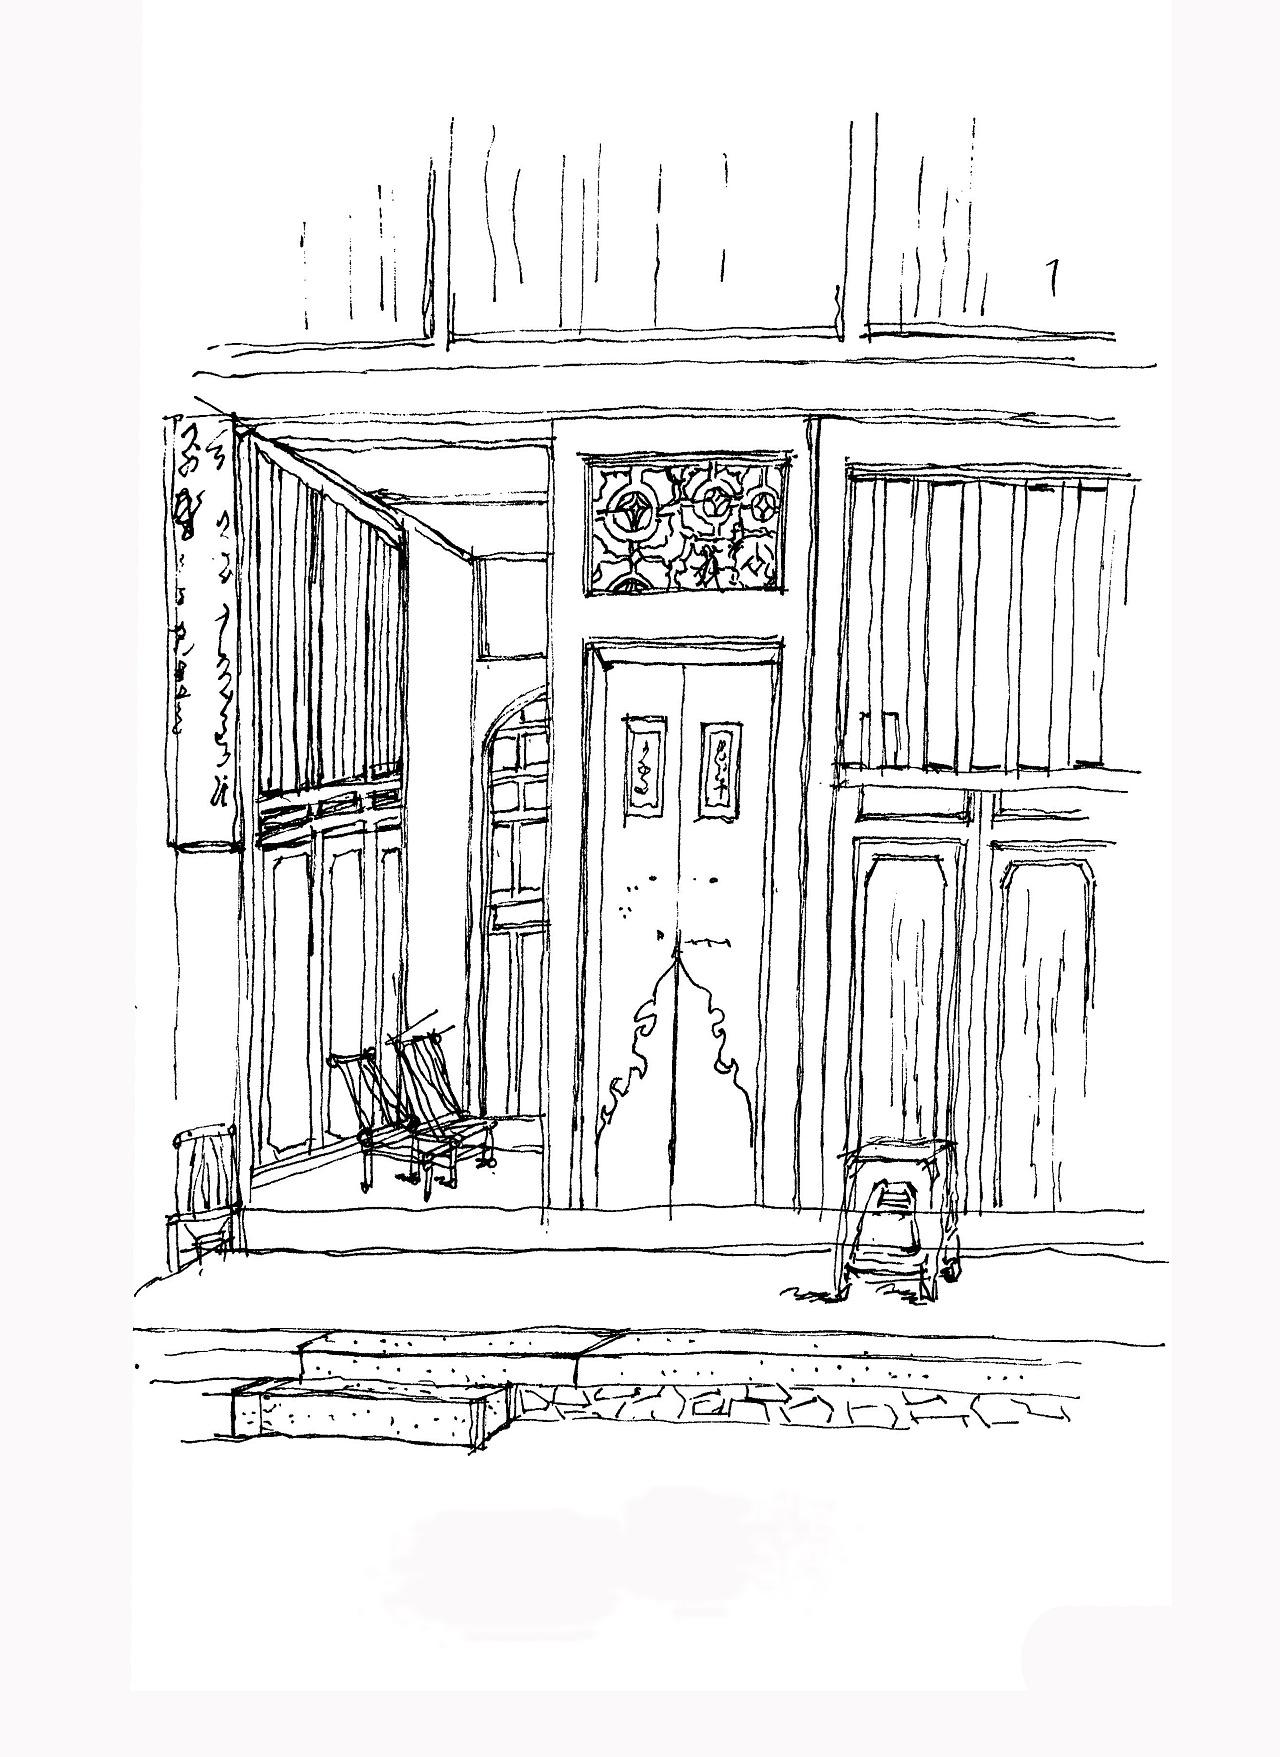 福建土楼手绘|空间|建筑设计|l_vagrant - 原创作品